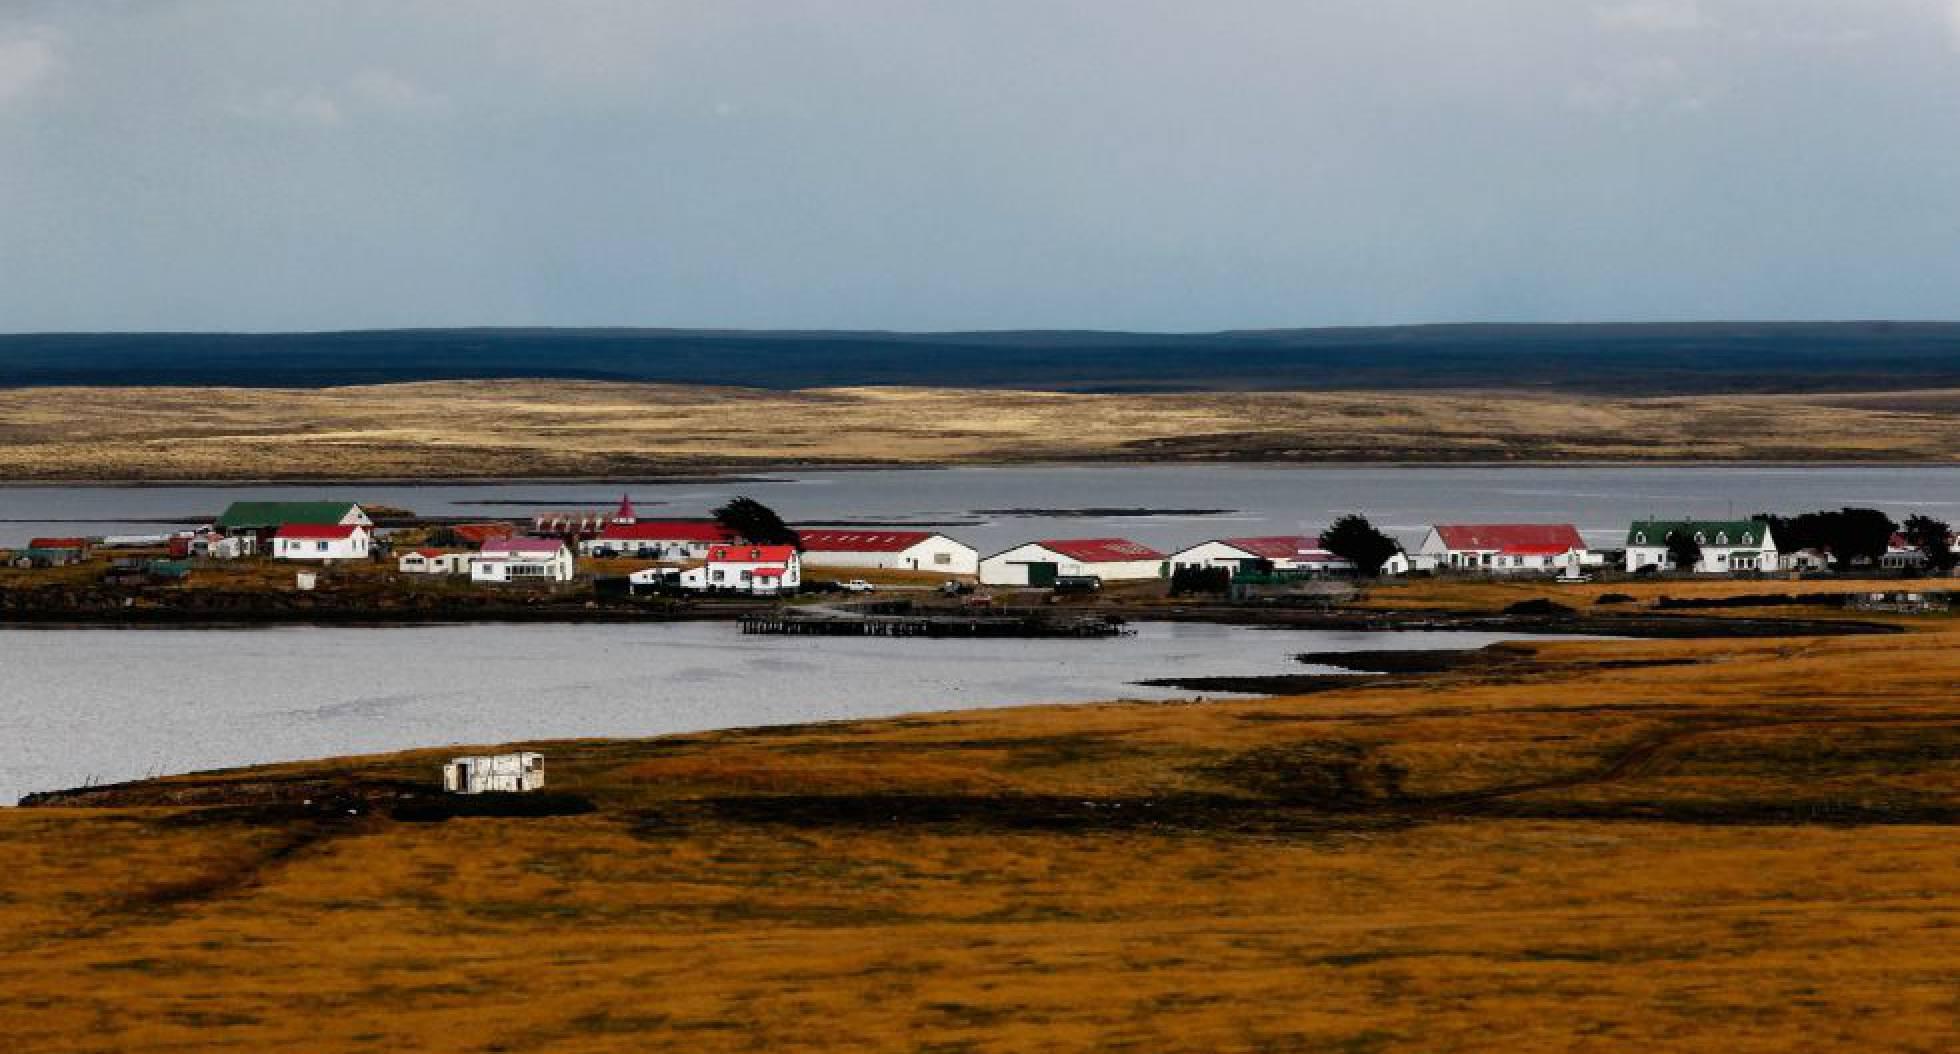 guerra - Guerra de las Malvinas - Página 10 1470943281_678660_1470943554_noticia_normal_recorte1